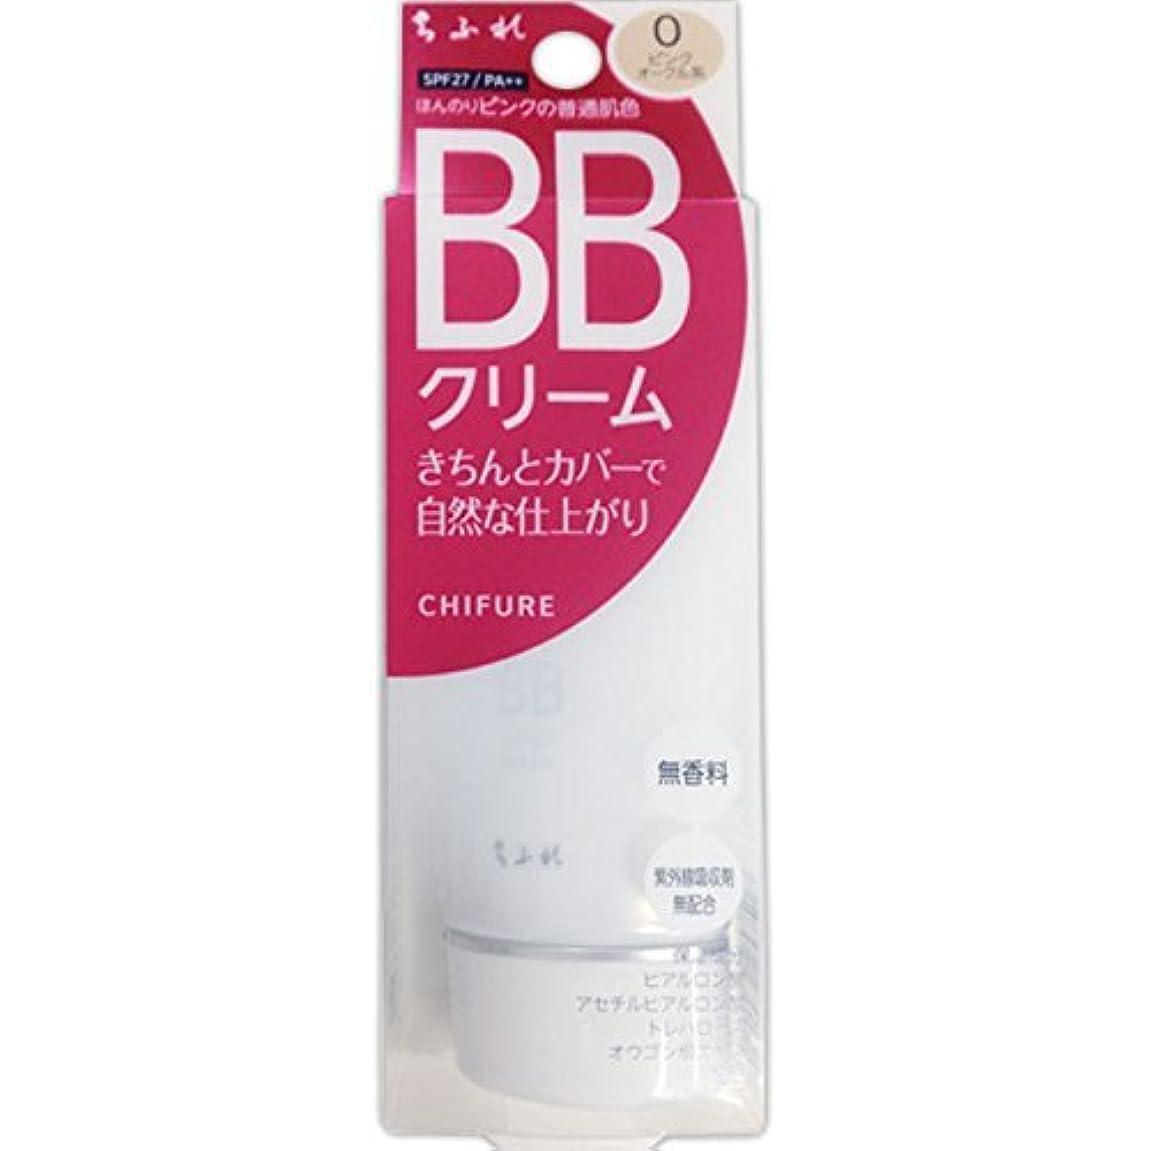 業界シネマこするちふれ化粧品 BB クリーム ほんのりピンクの普通肌色 0